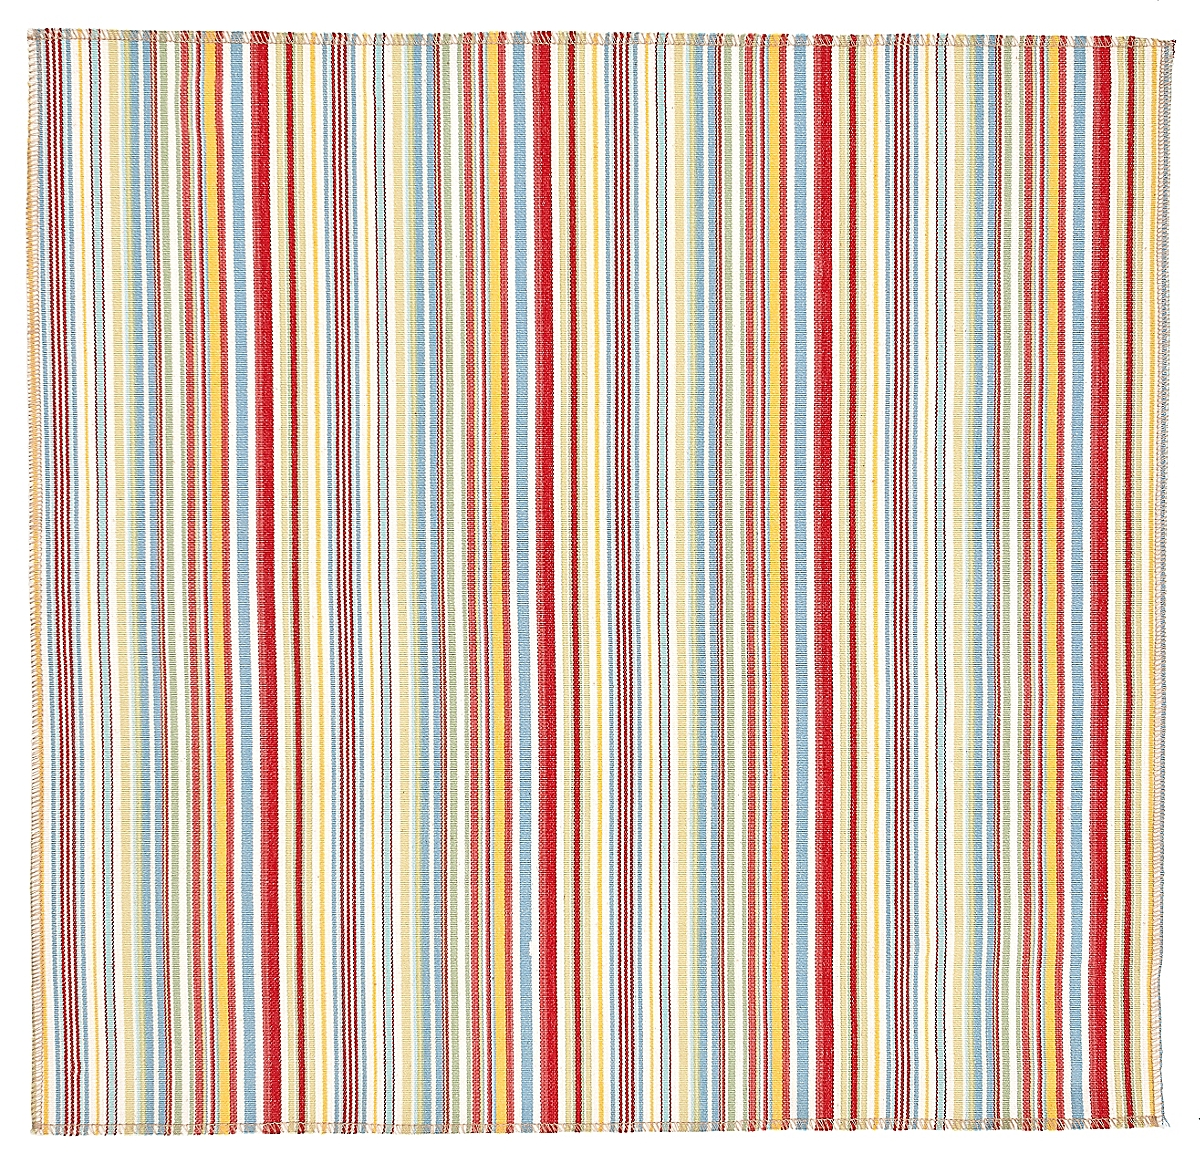 Sassy Stripes: Tomato (fabric yardage)